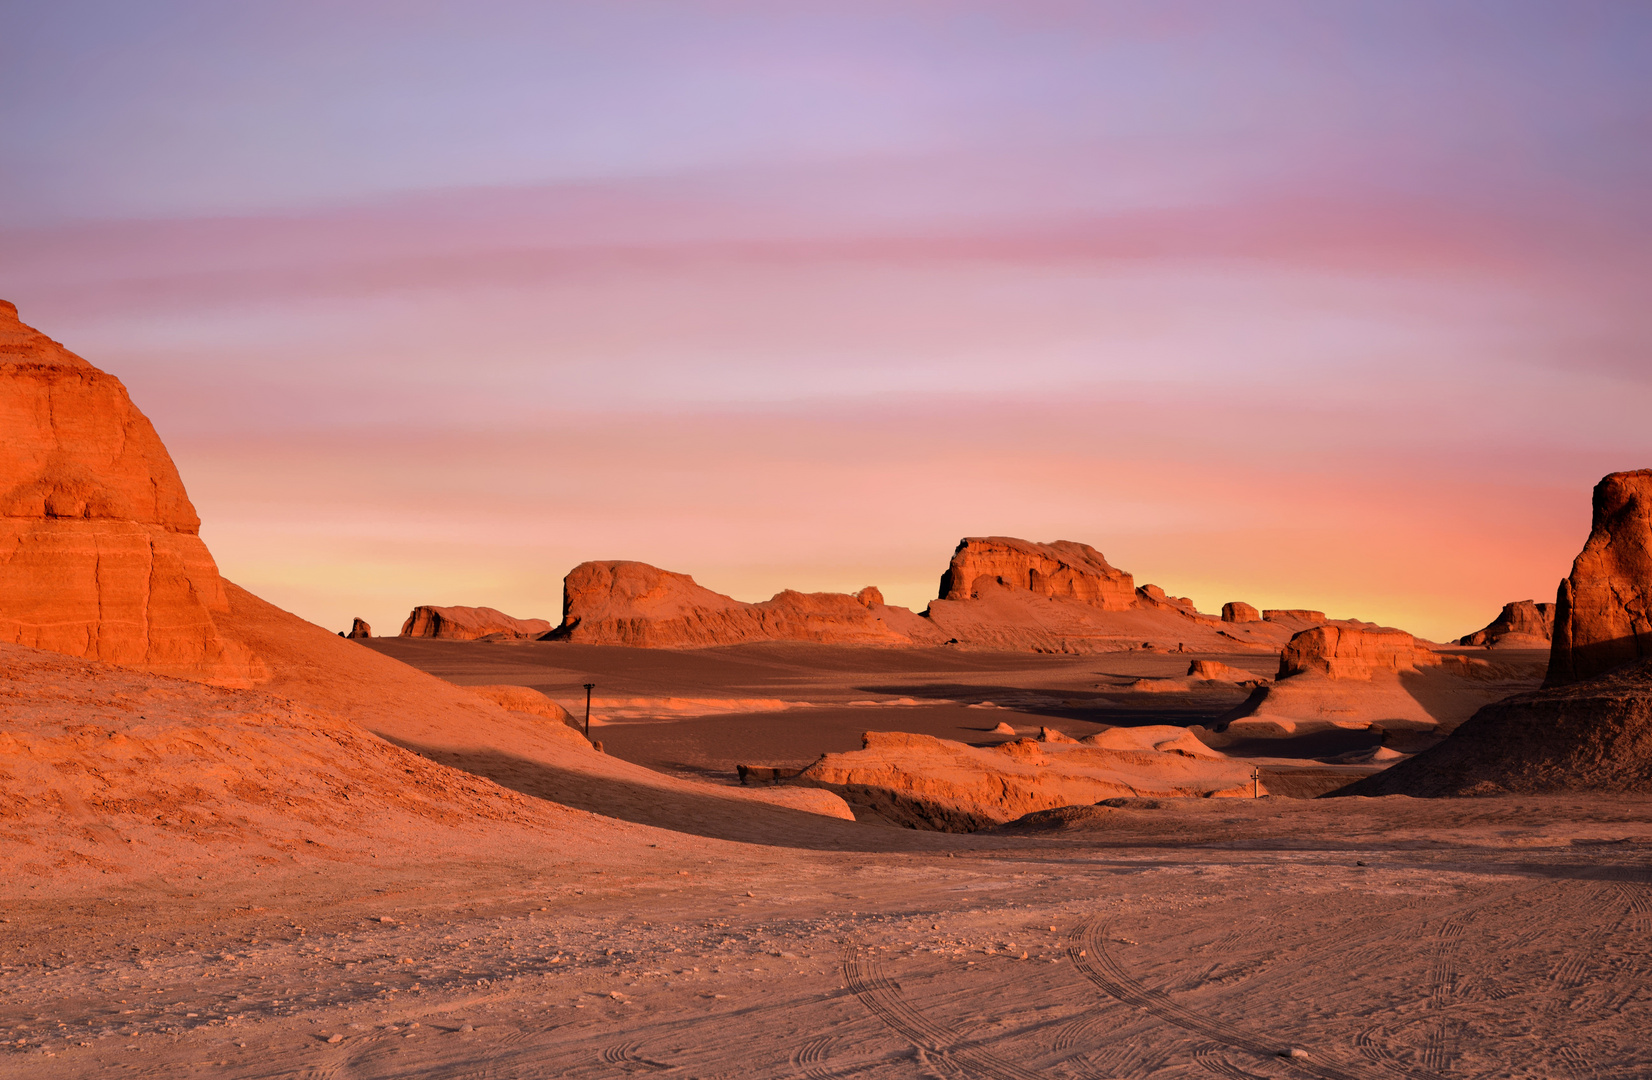 Sunset in Lut Desert.